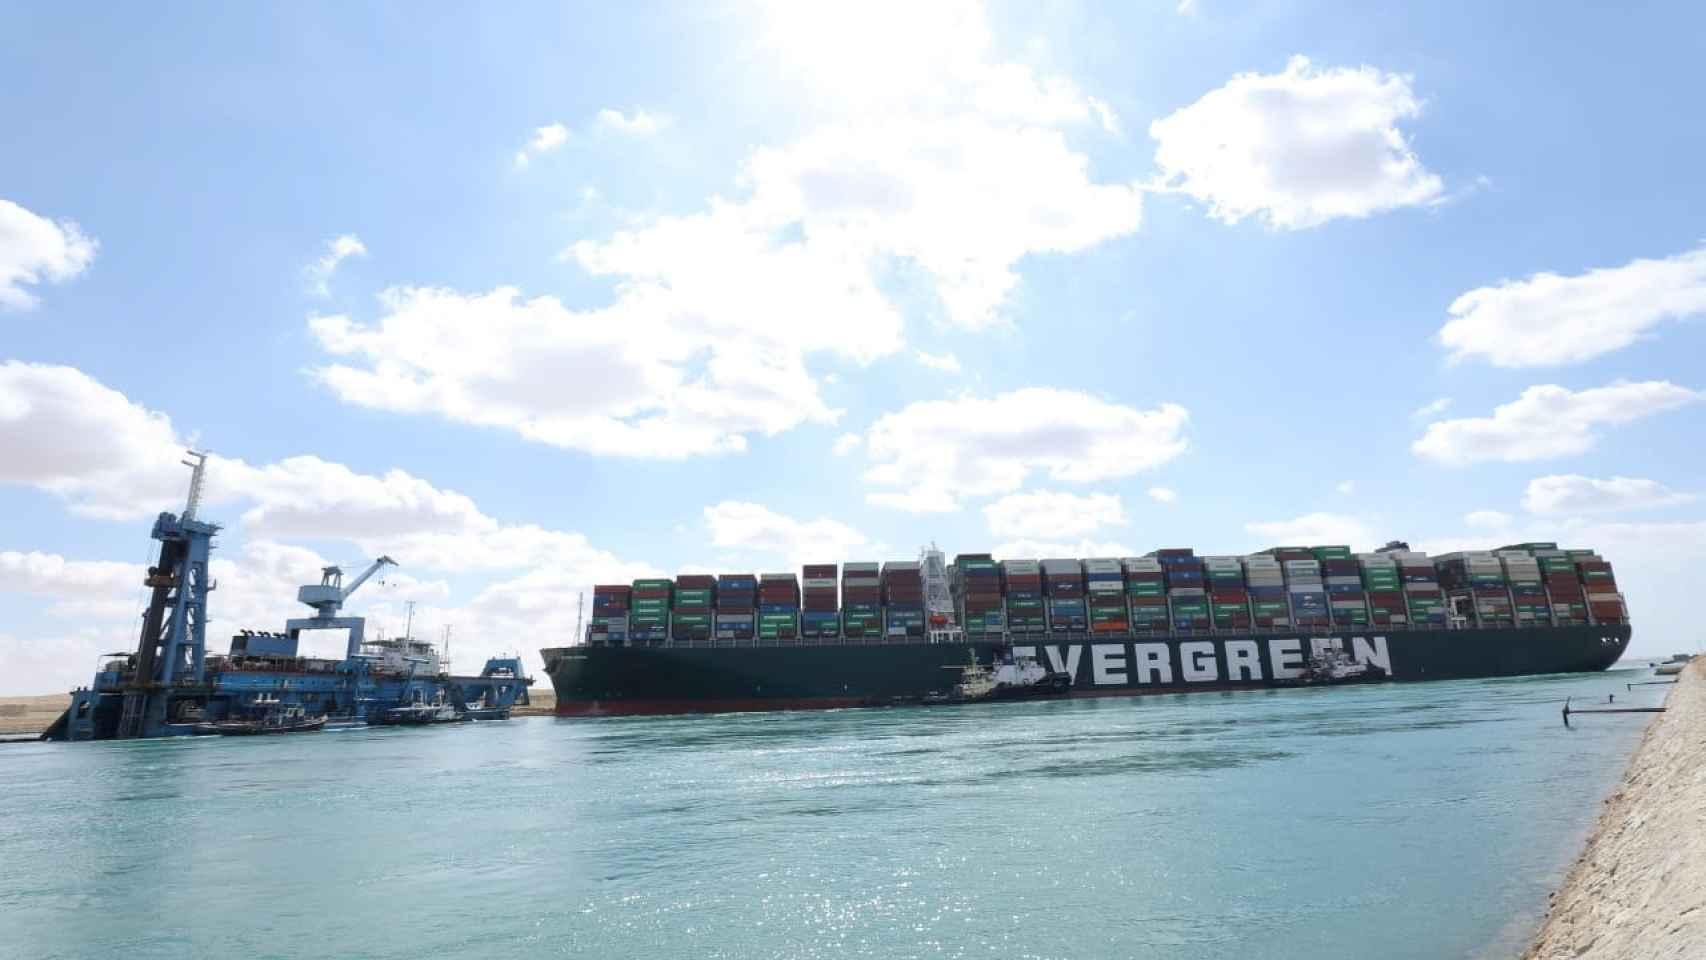 El Canal de Suez, bloqueado por un gigantesco barco carguero